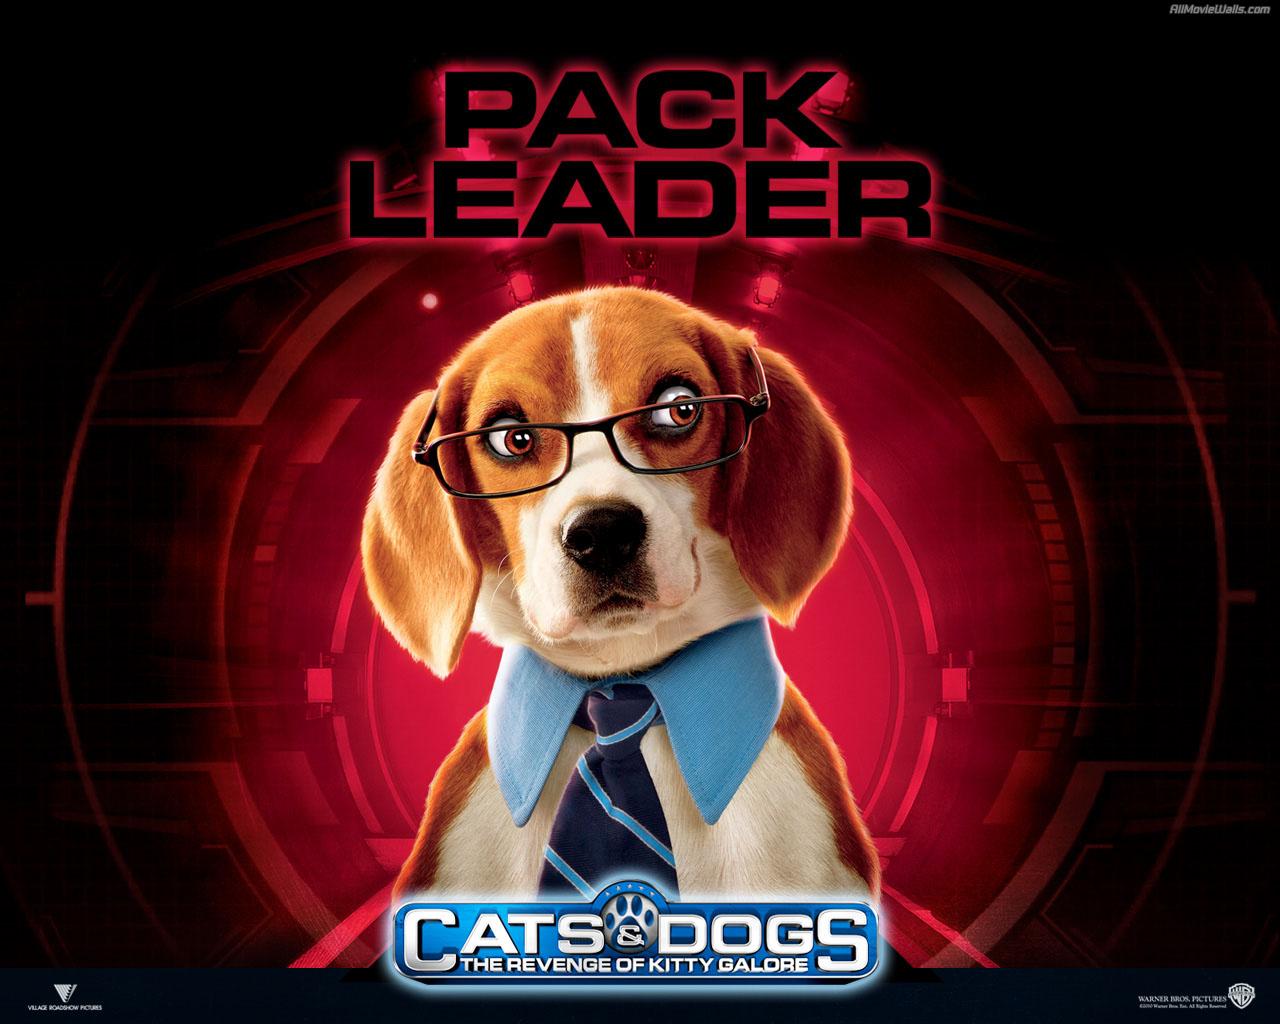 Koleksi Kartun Terbaik Cats And Dogs Pack Leader